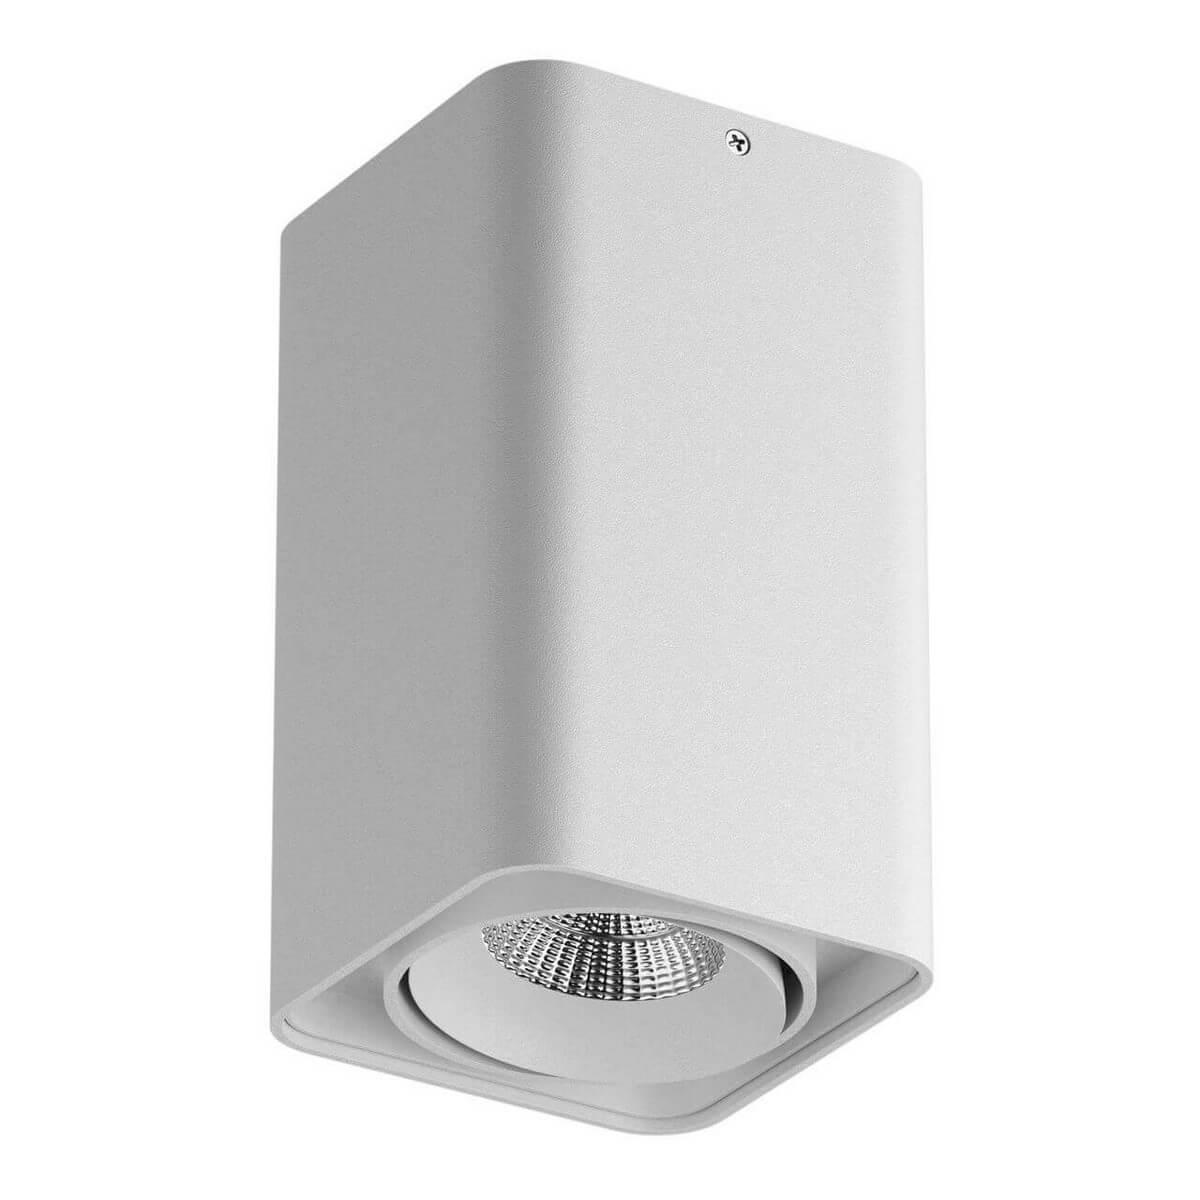 Фото - Потолочный светильник Lightstar 052136R, LED, 10 Вт lightstar 052136r светильник monocco led10w 860lm 30g белый 4000k в комплекте